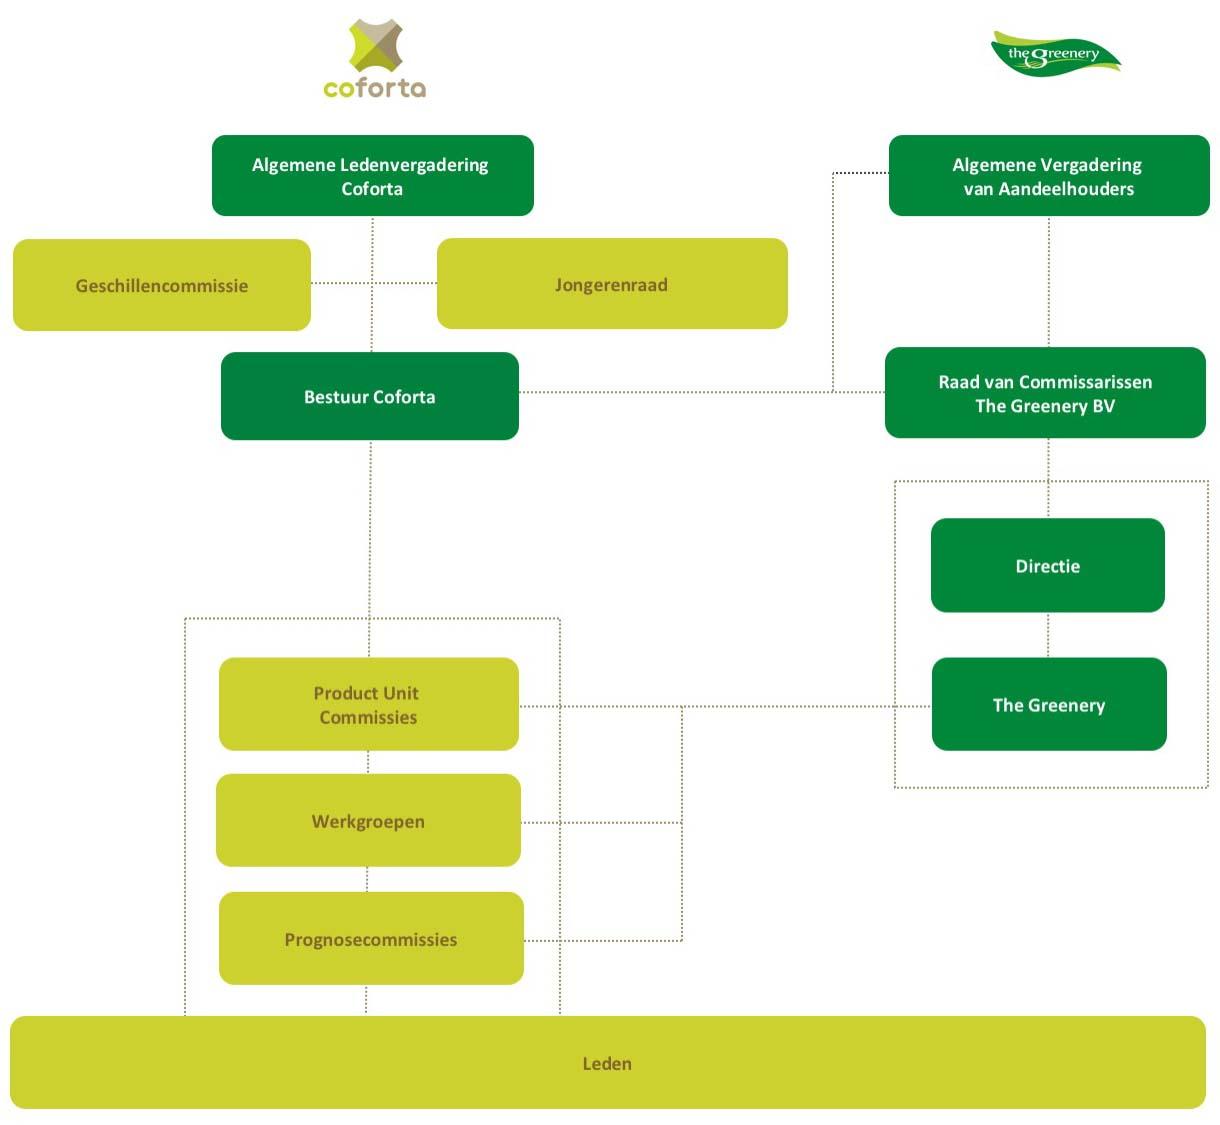 organisatiemodel coforta